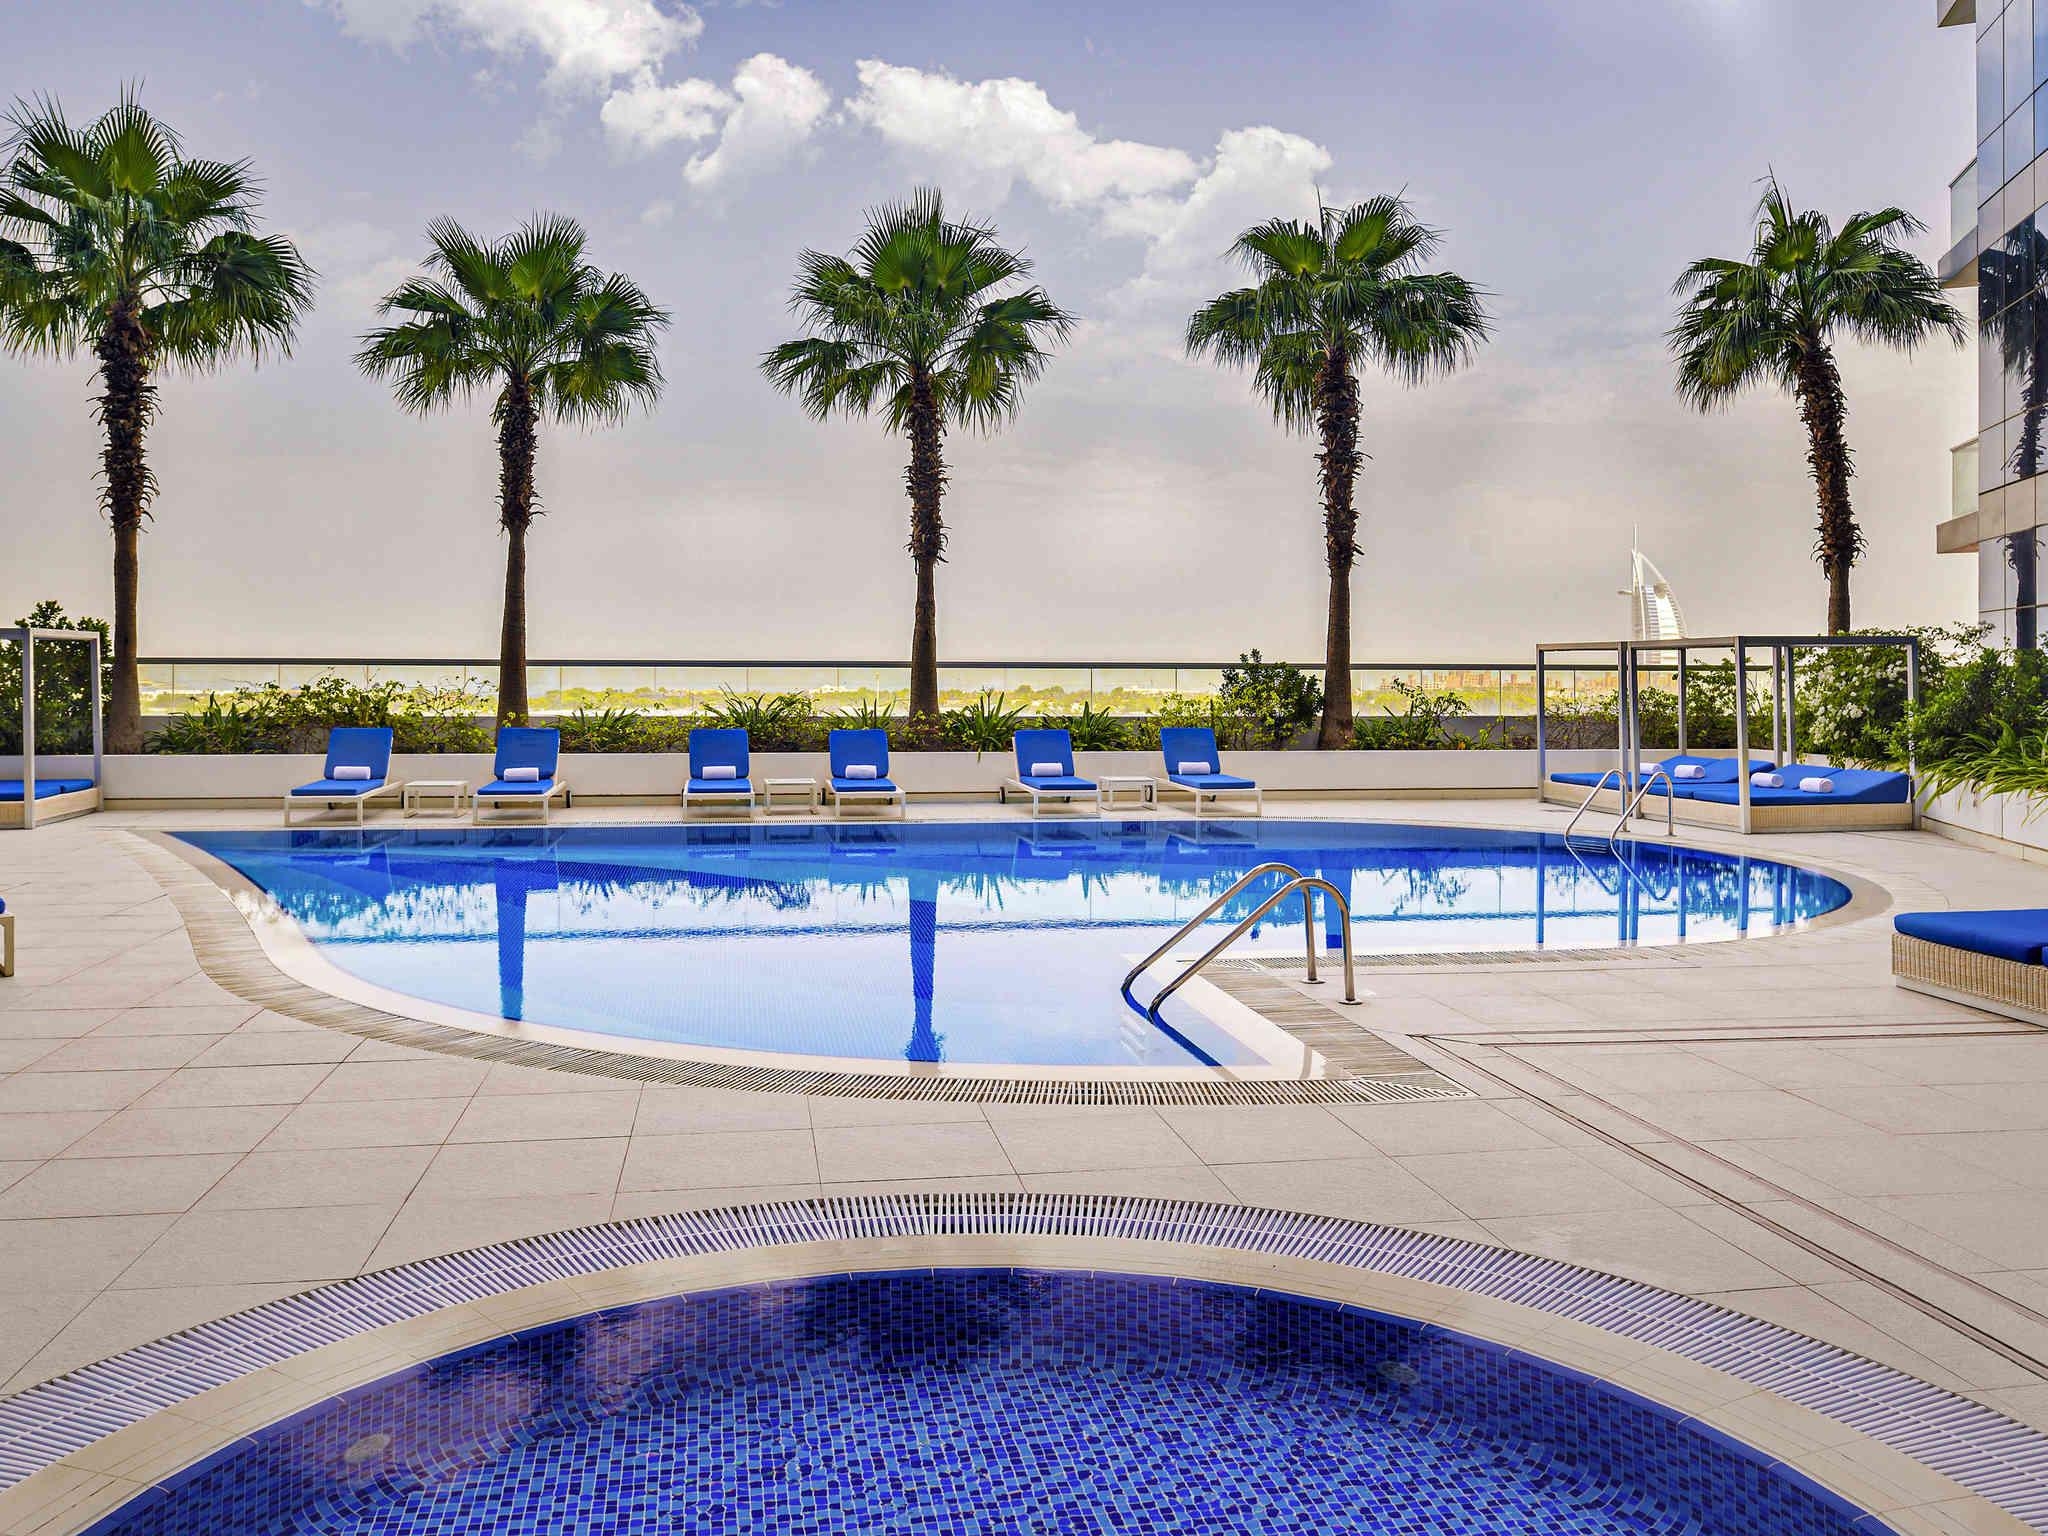 โรงแรม – อพาร์ทโฮเทล อดาจิโอ พรีเมียม ดูไบ อัล บาร์ชา